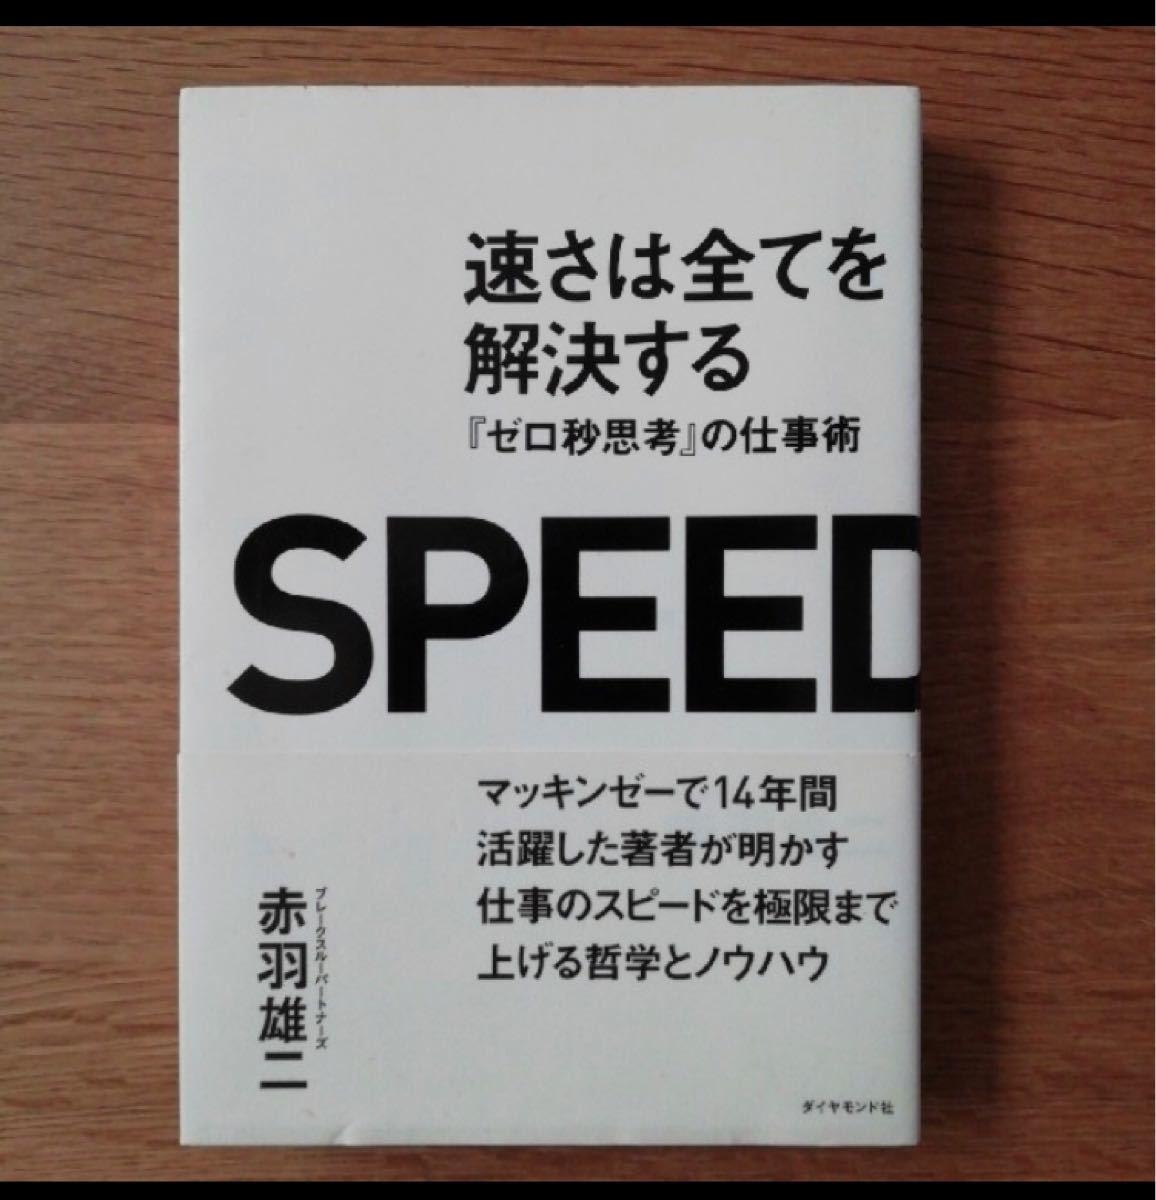 速さは全てを解決する  『ゼロ秒思考』の仕事術    /出版社-ダイヤモンド社